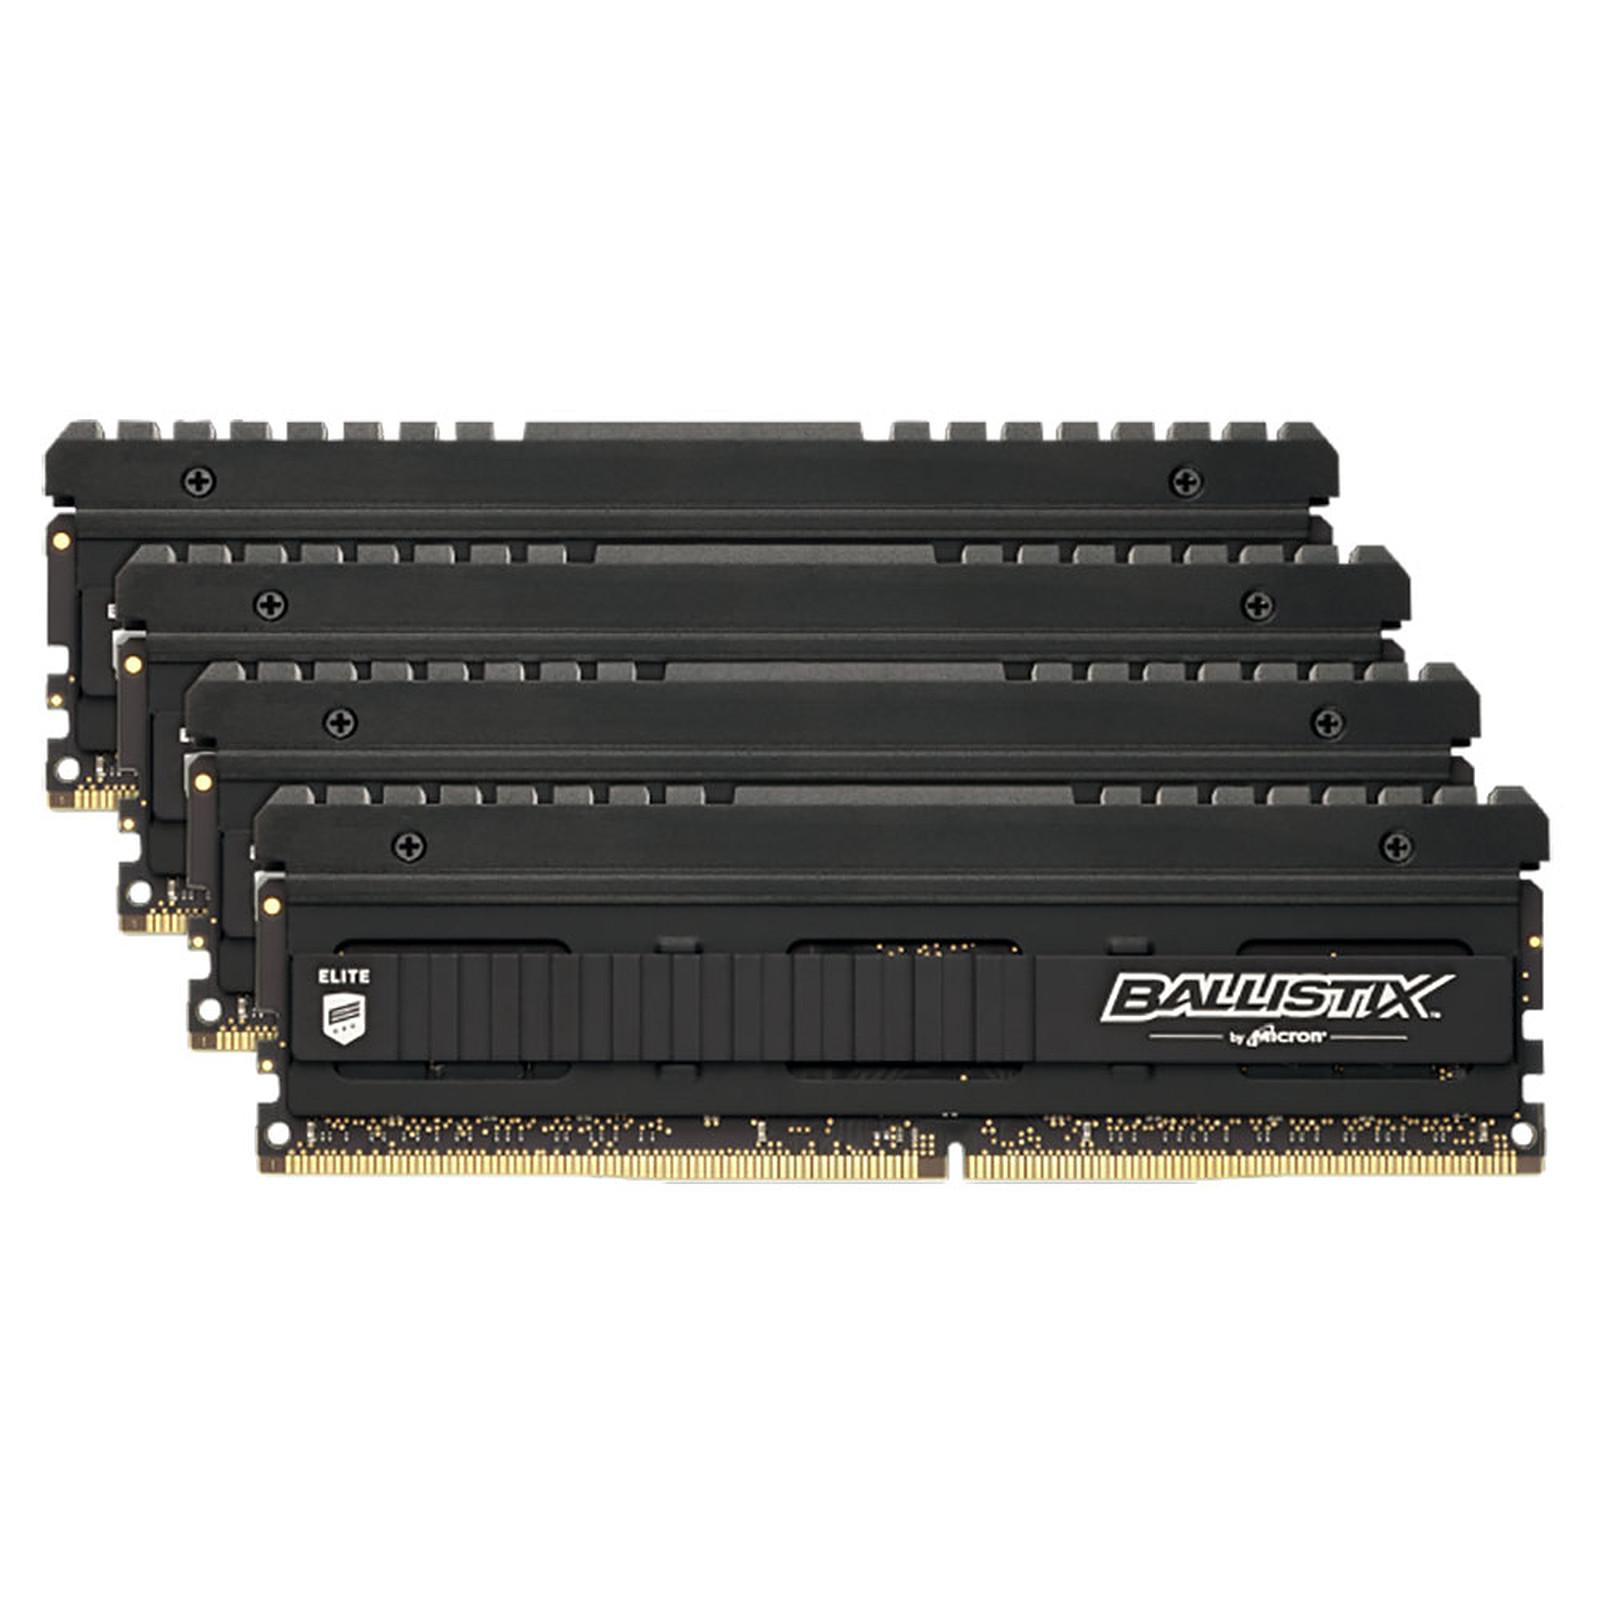 Ballistix Elite 32 Go (4 x 8 Go) DDR4 4000 MHz CL18